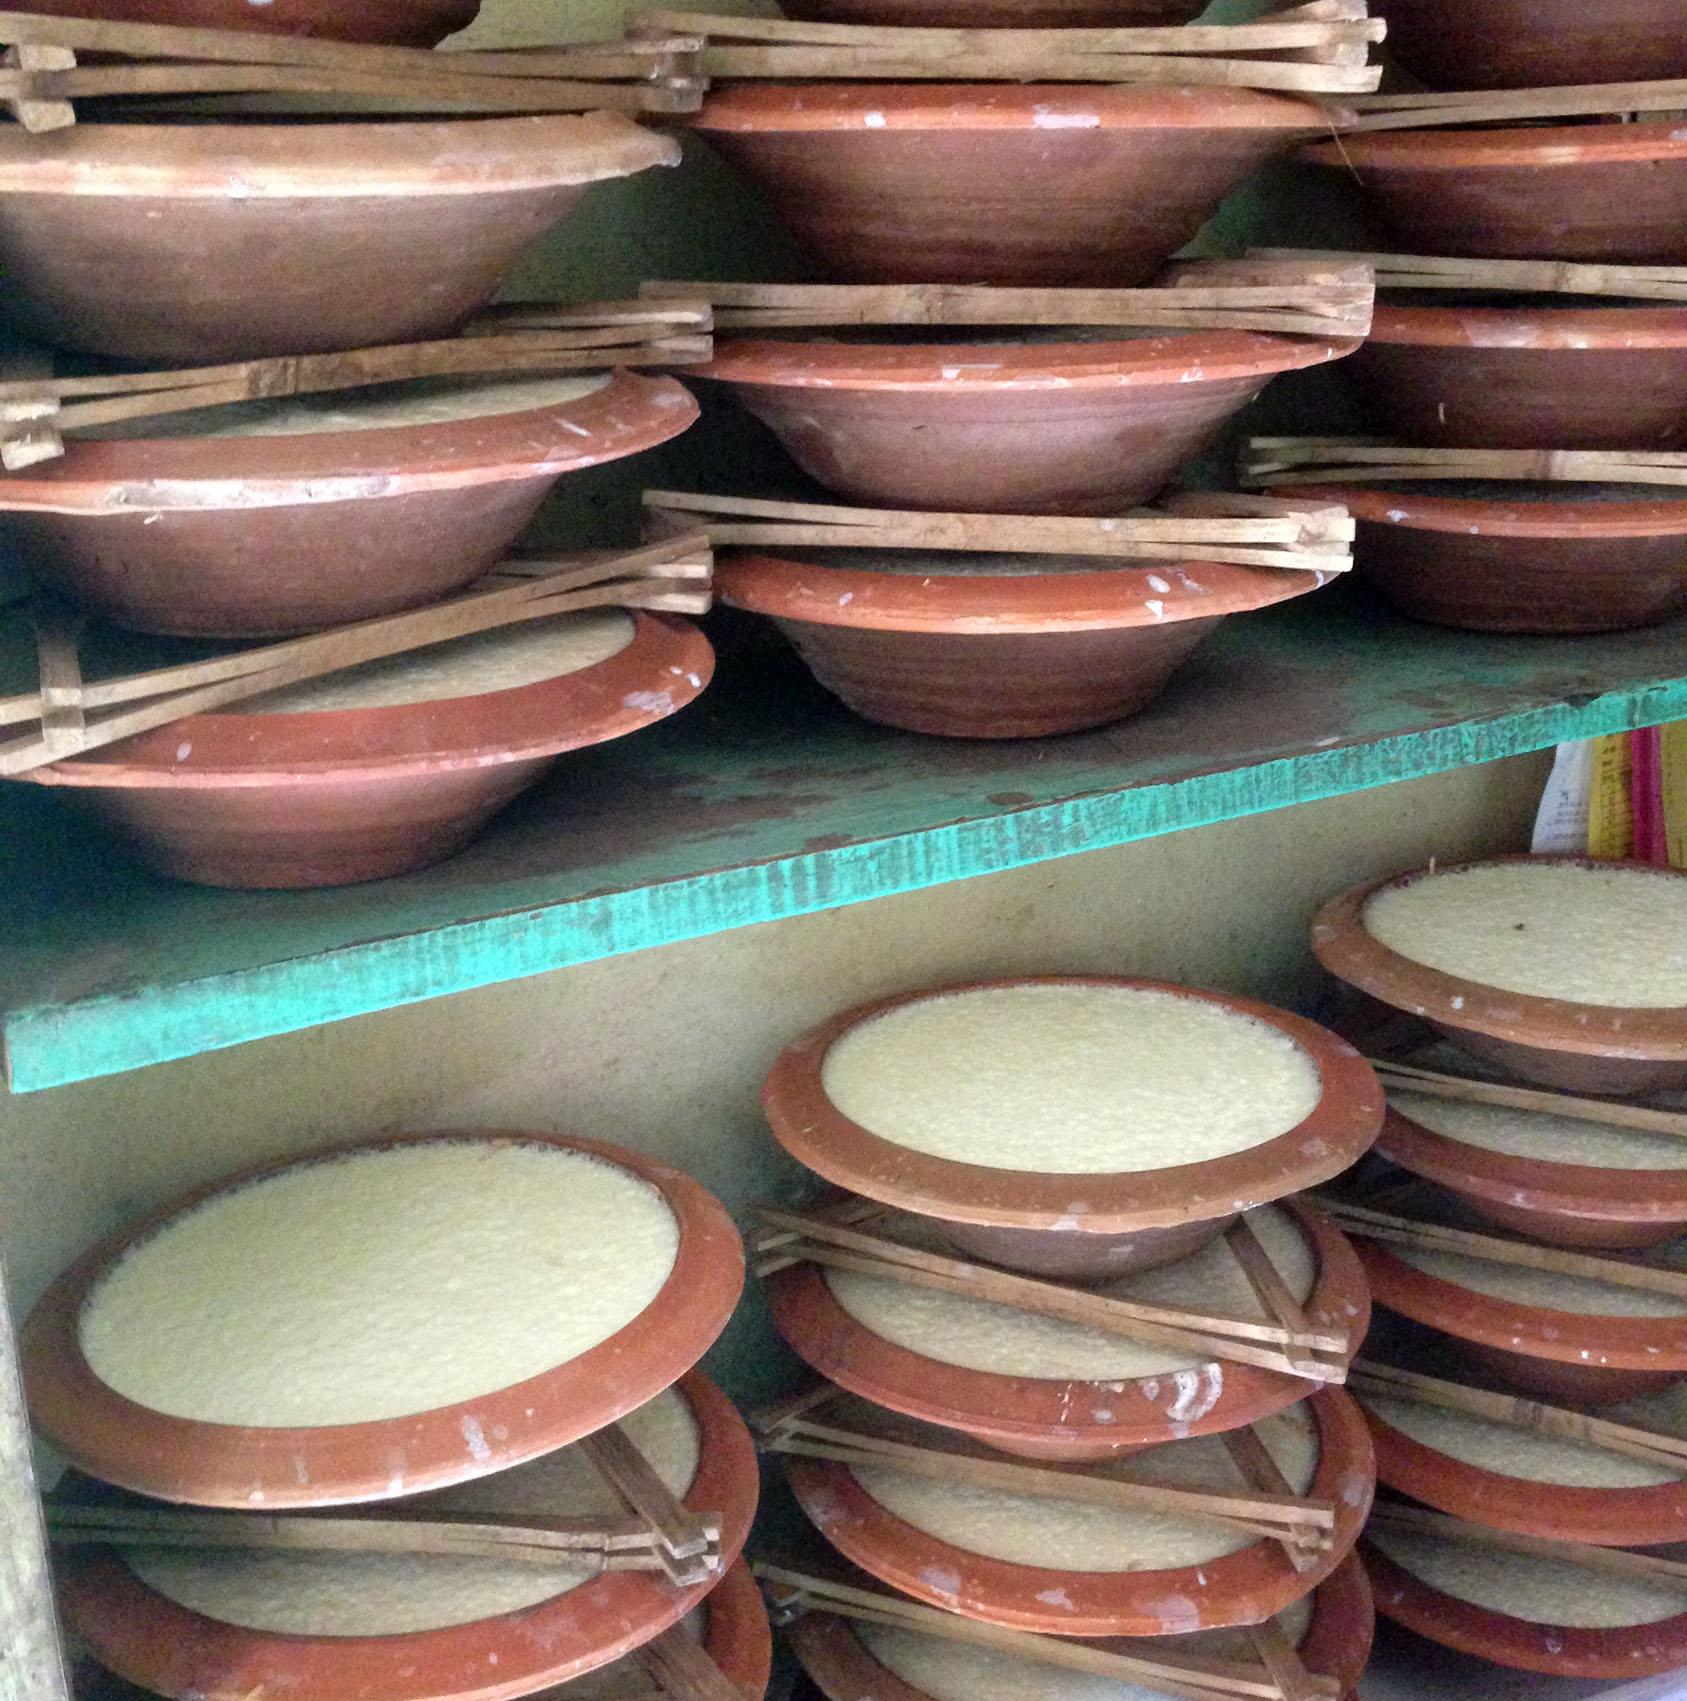 curd bowls